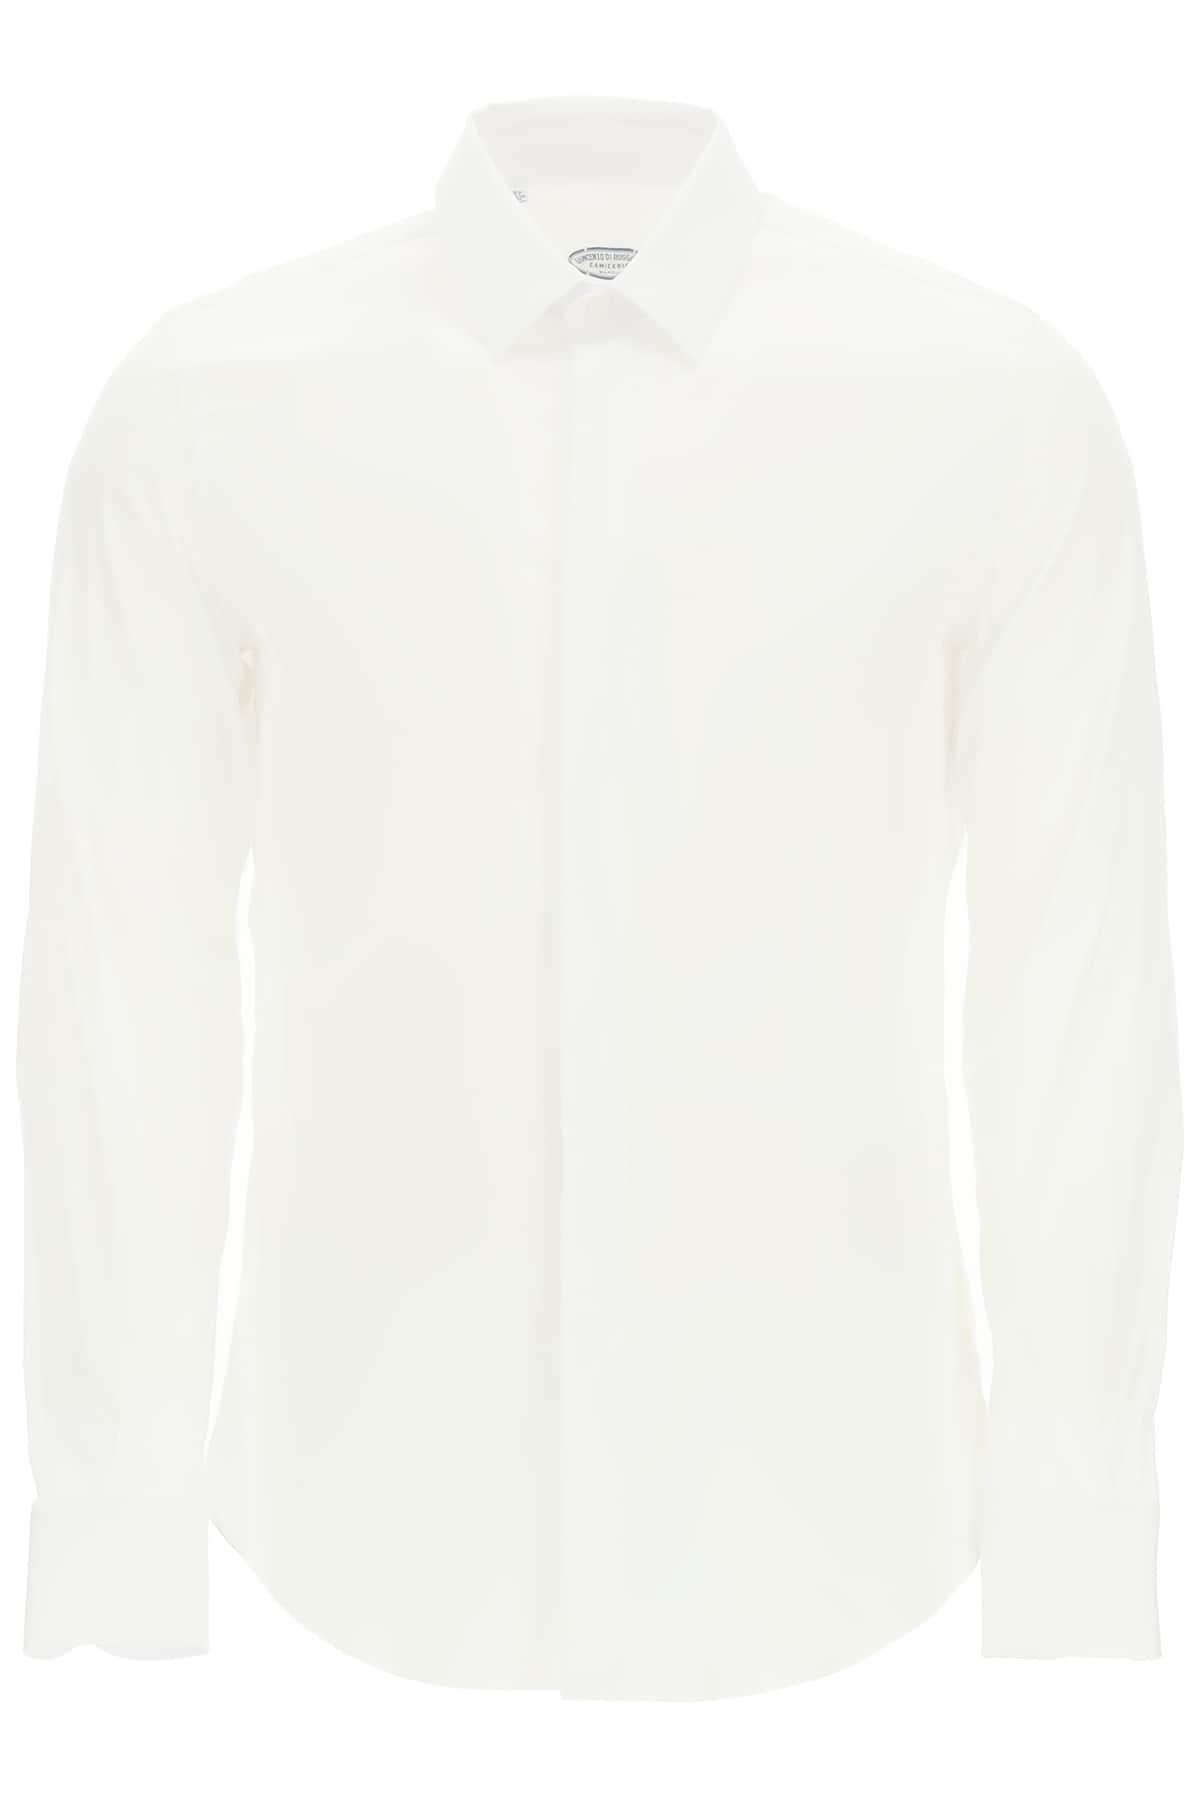 VINCENZO DI RUGGIERO CLASSIC TAILORED SHIRT 42 White Cotton